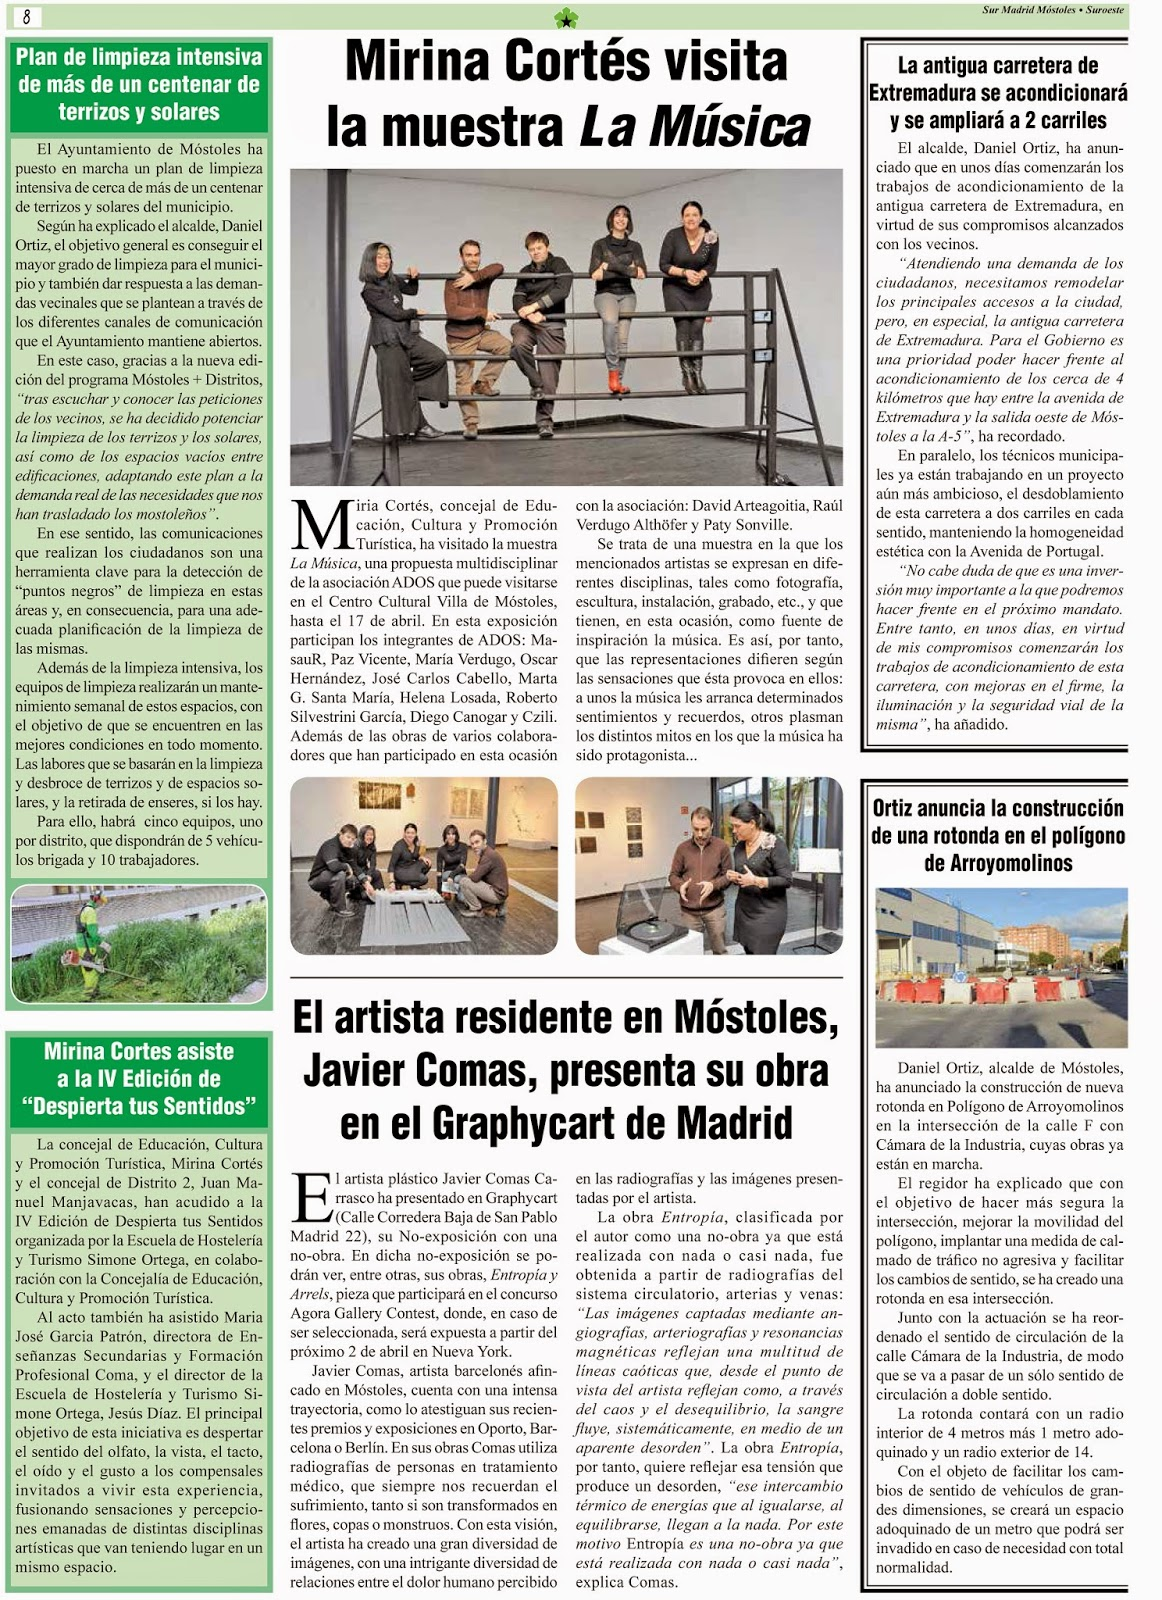 publicacion periodico Sur Madrid